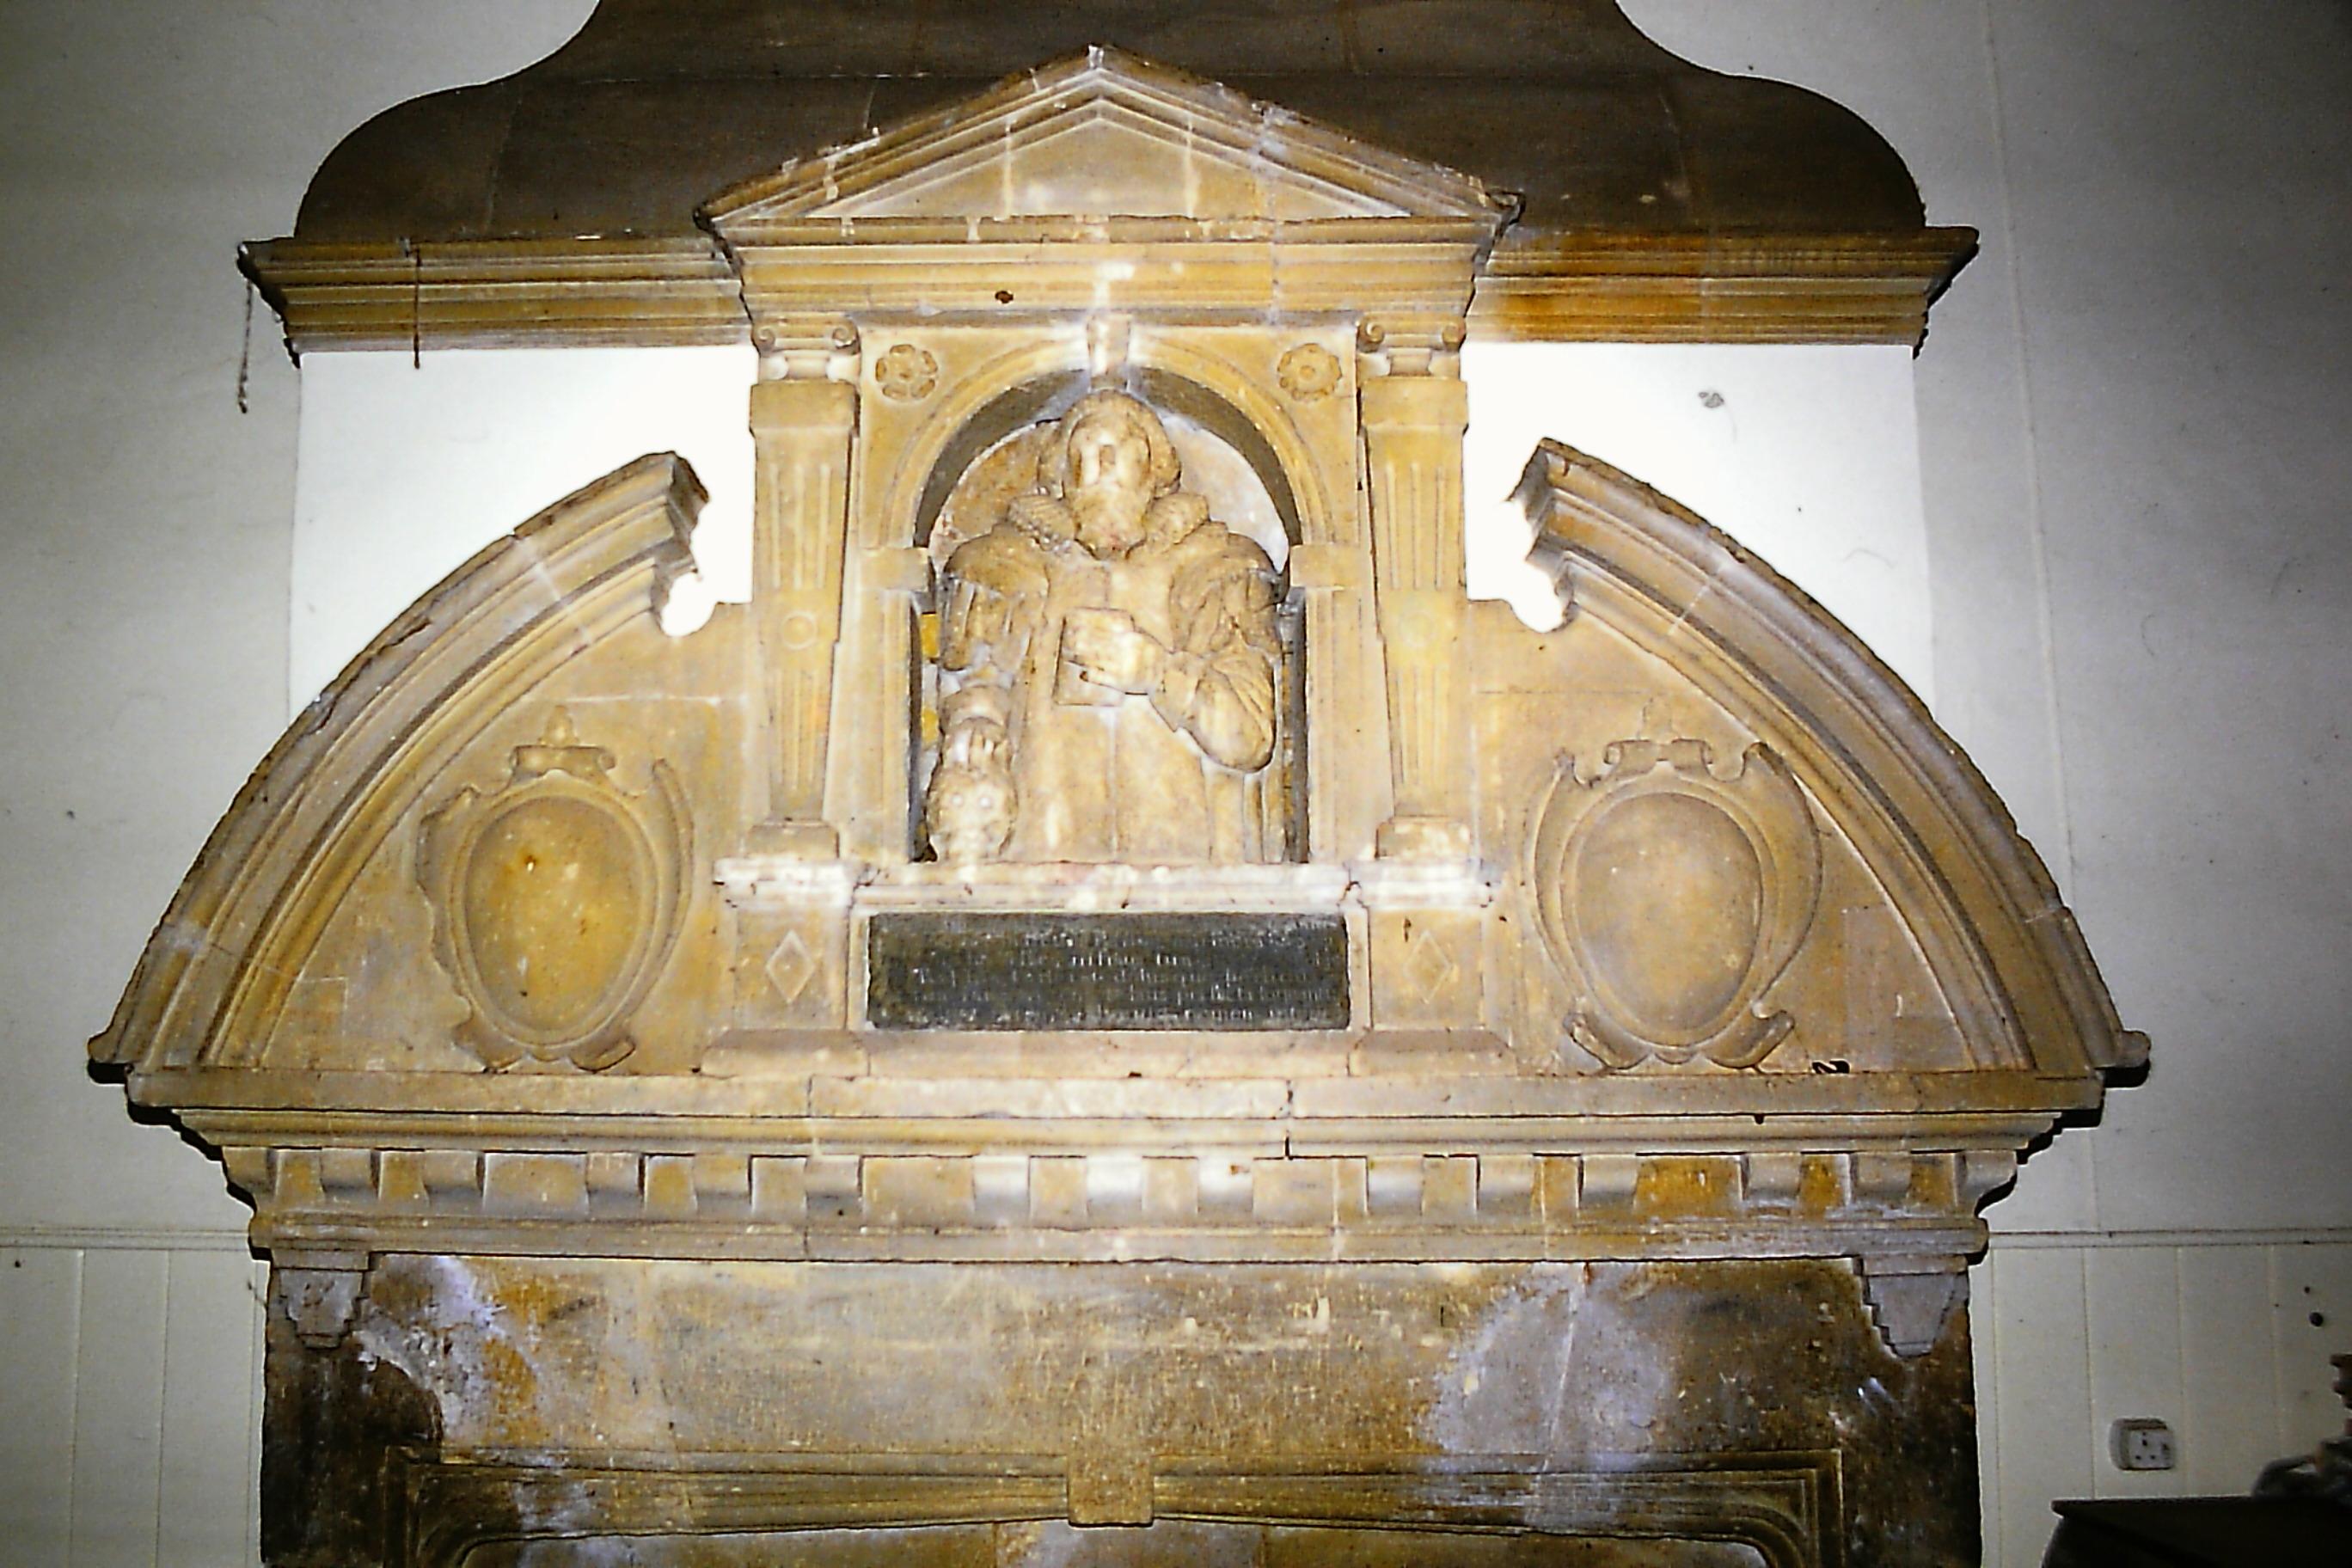 John Fereby Fireplace Old Grammar School